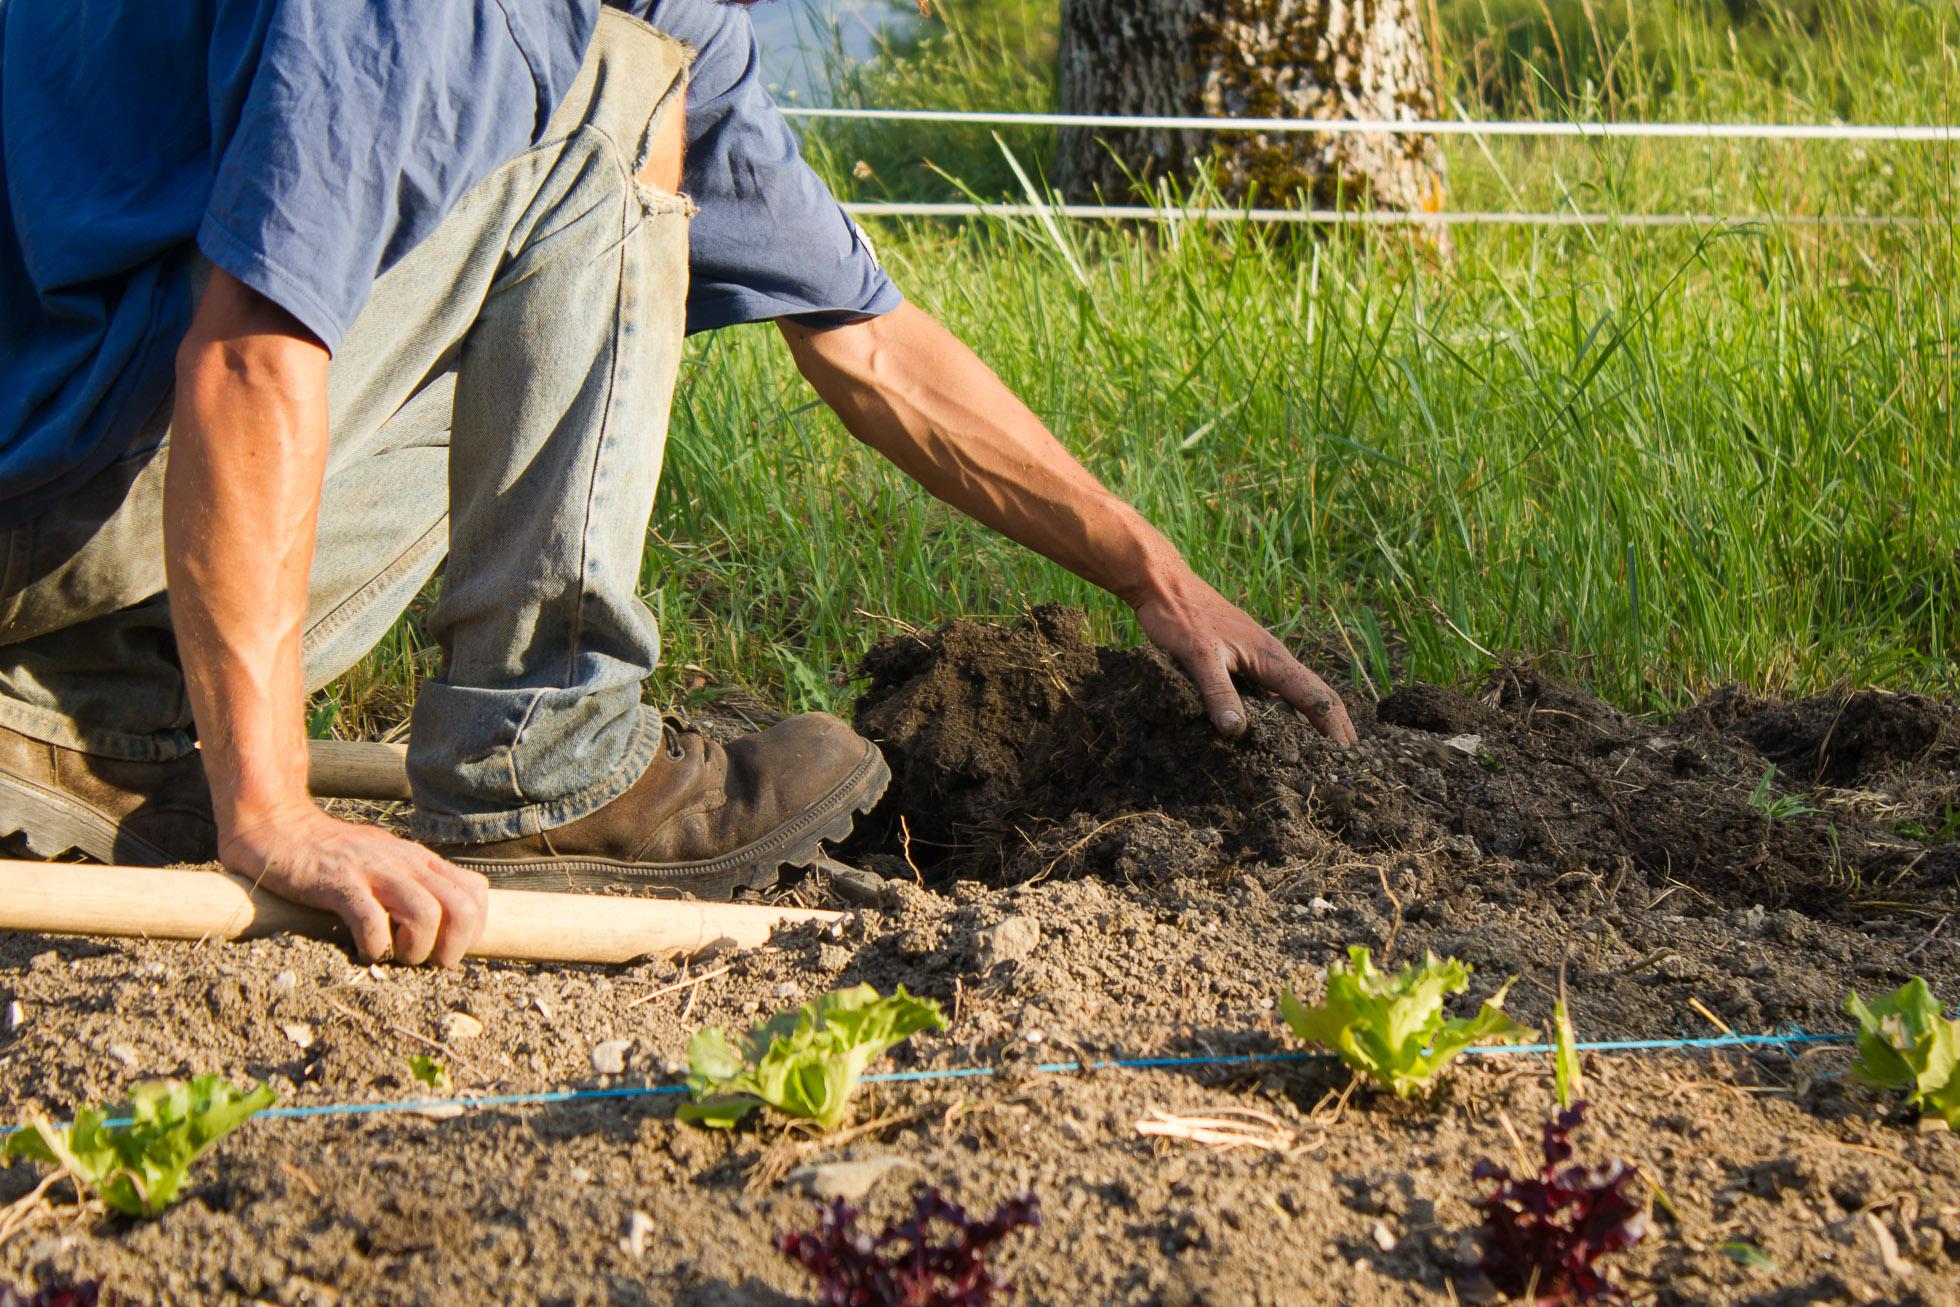 grelinette travail du sol en maraichage sol vivant